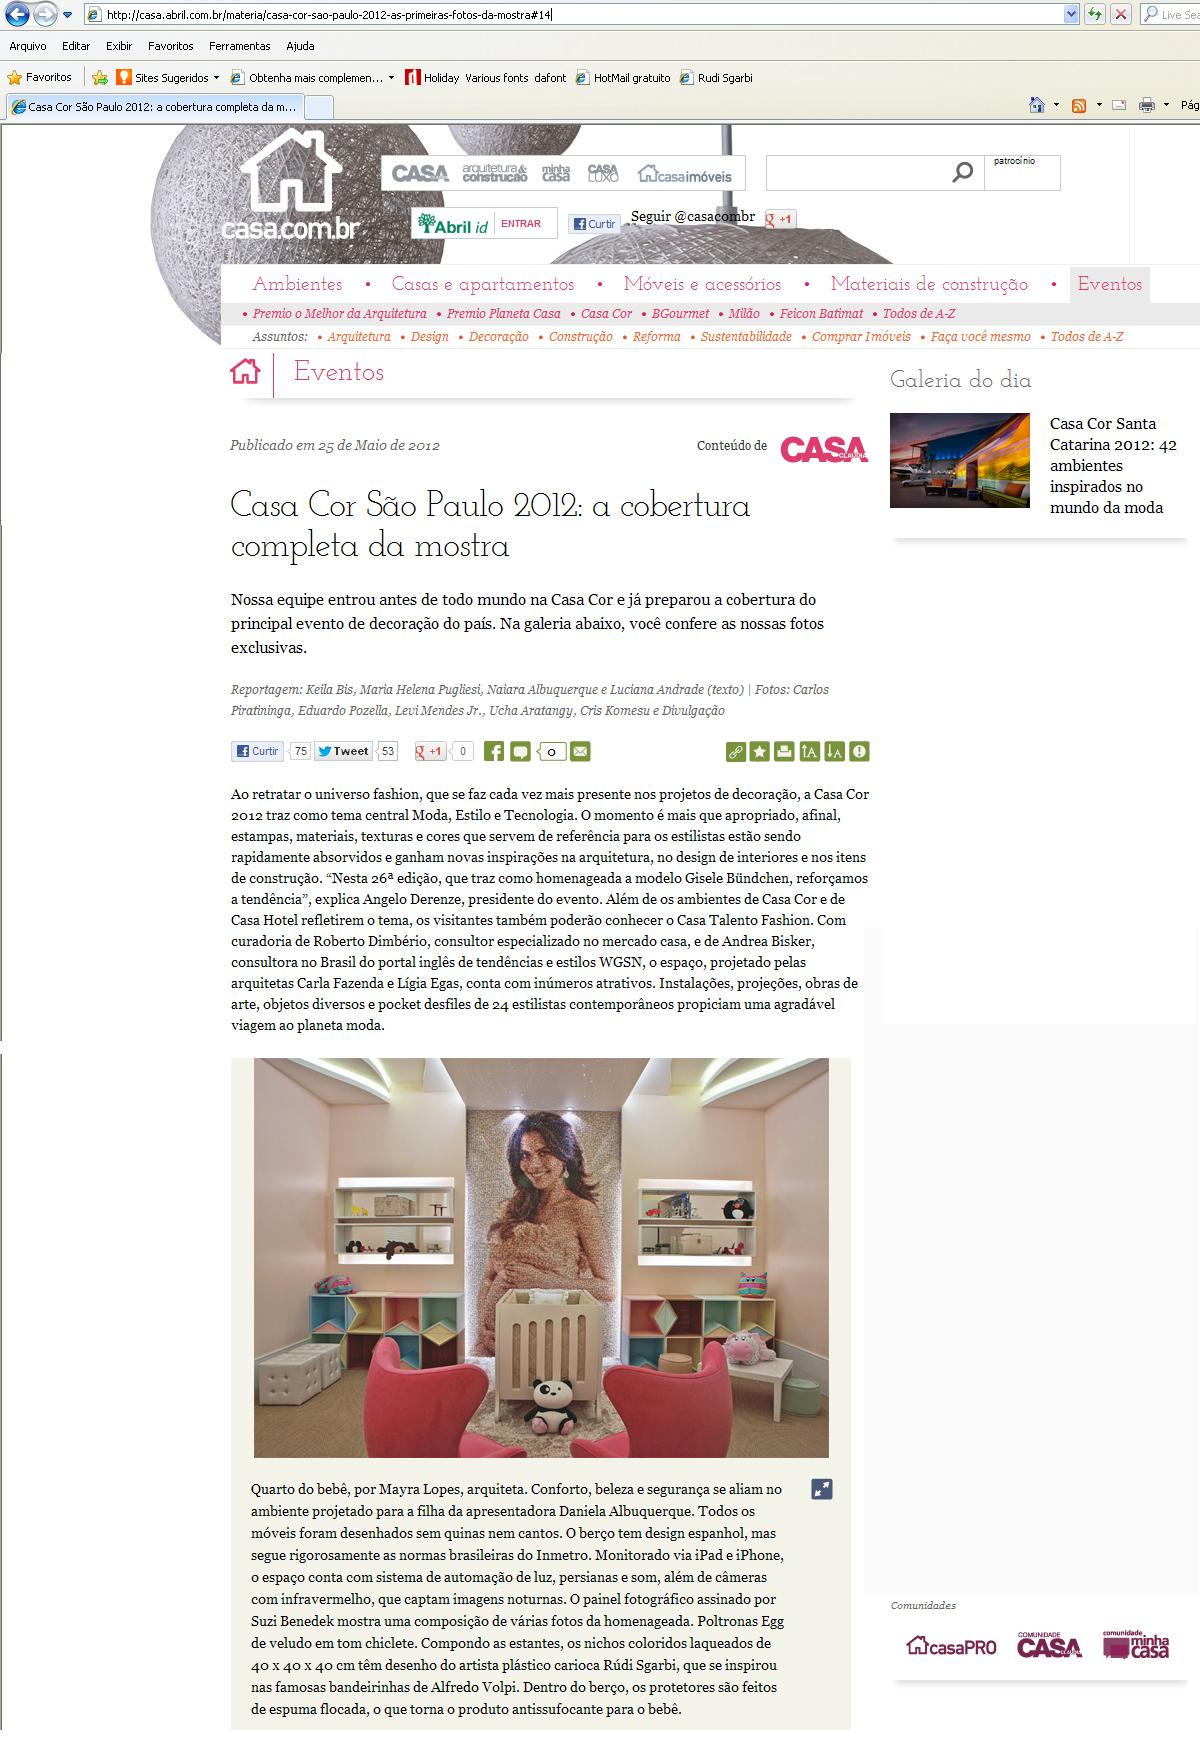 CCSP2012_MayraLopes_CasaClaudia